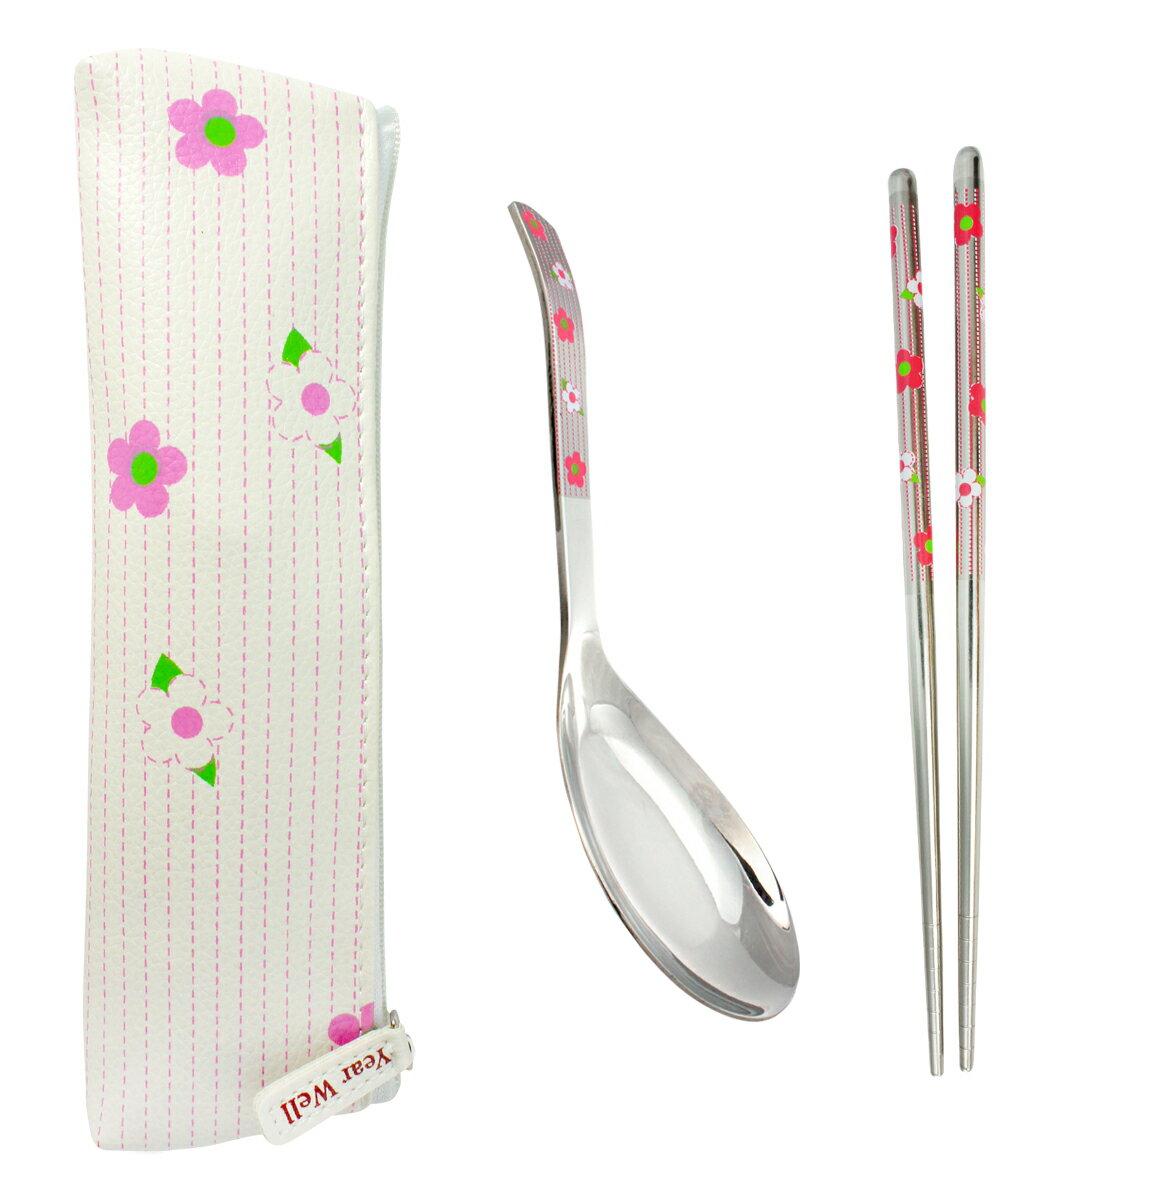 GREEN BELL綠貝 粉紅小花不鏽鋼環保餐具組 (含筷子+湯匙+收納袋)